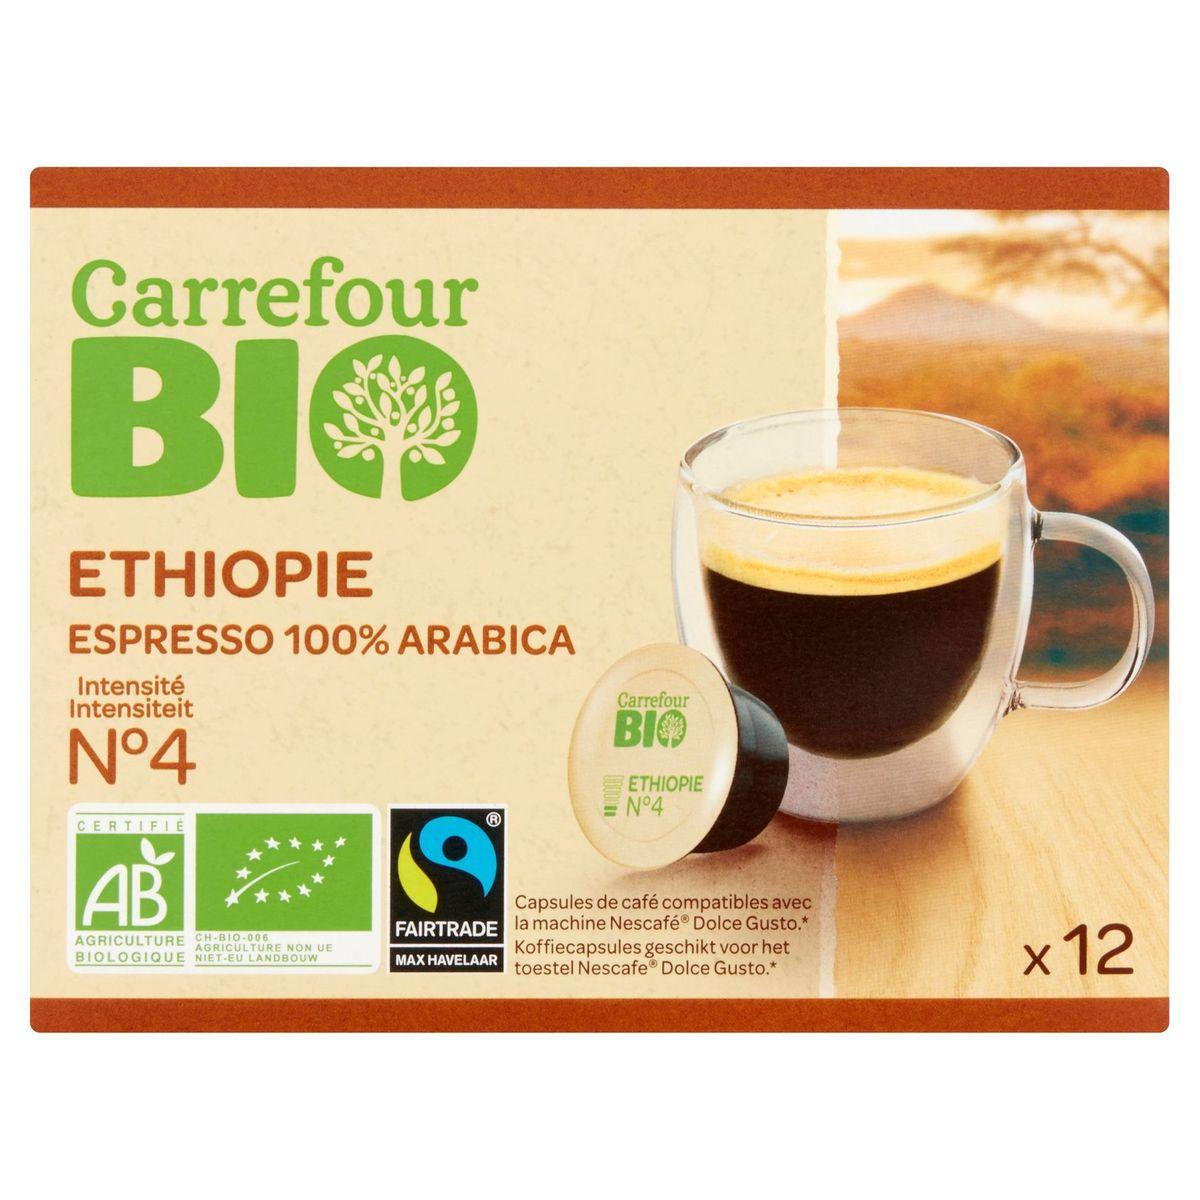 Carrefour Bio Ethiopie Espresso 100% Arabica 12 x 5.8 g